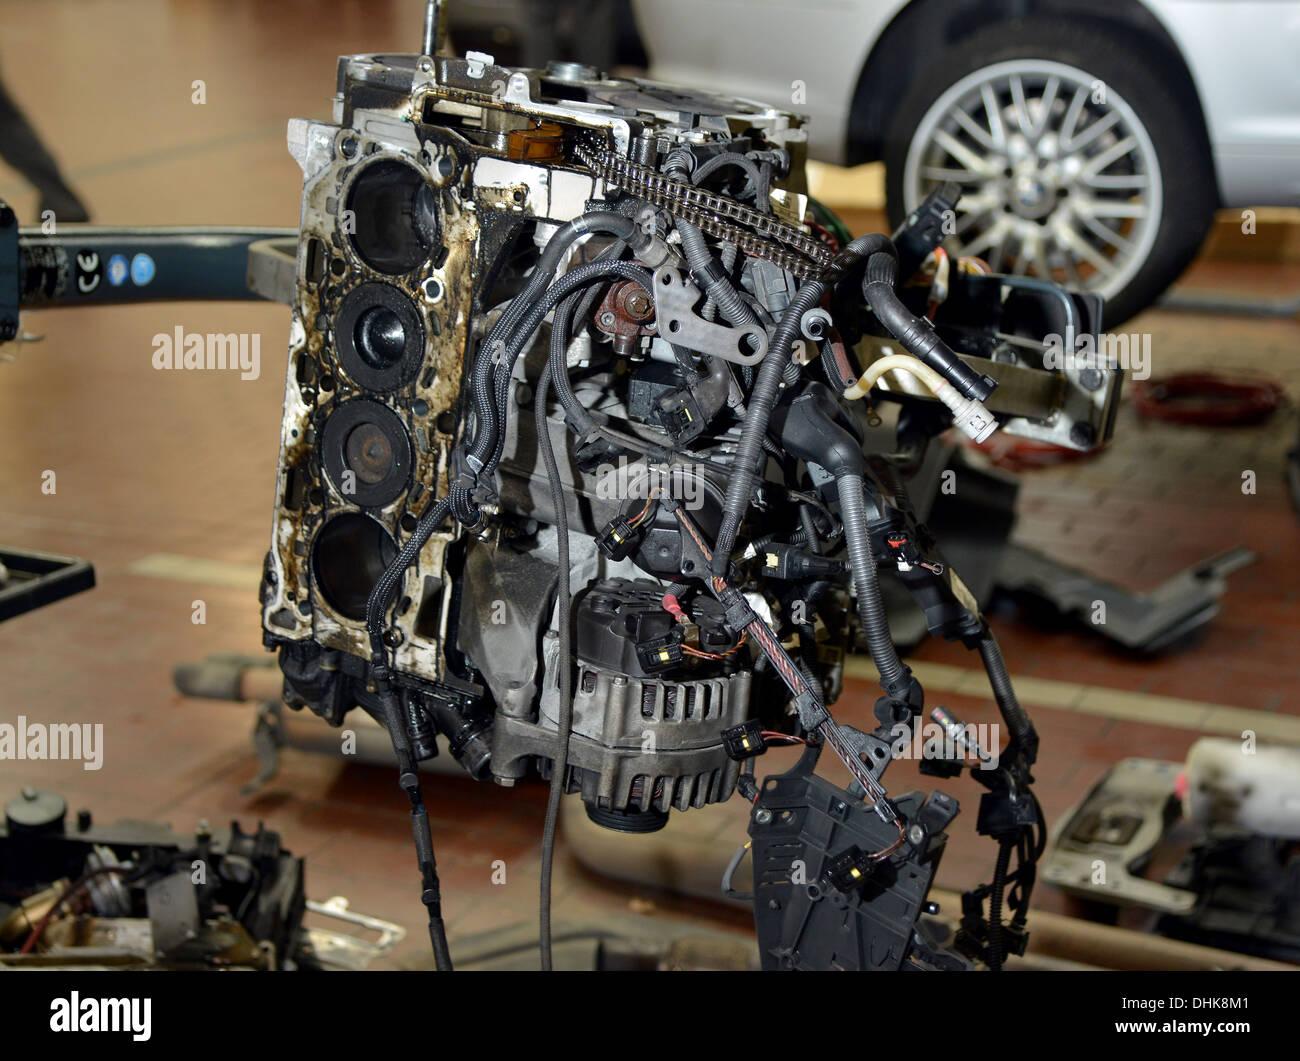 d pouill bmw n47 moteur diesel dans un atelier garage banque d 39 images photo stock 62504177. Black Bedroom Furniture Sets. Home Design Ideas